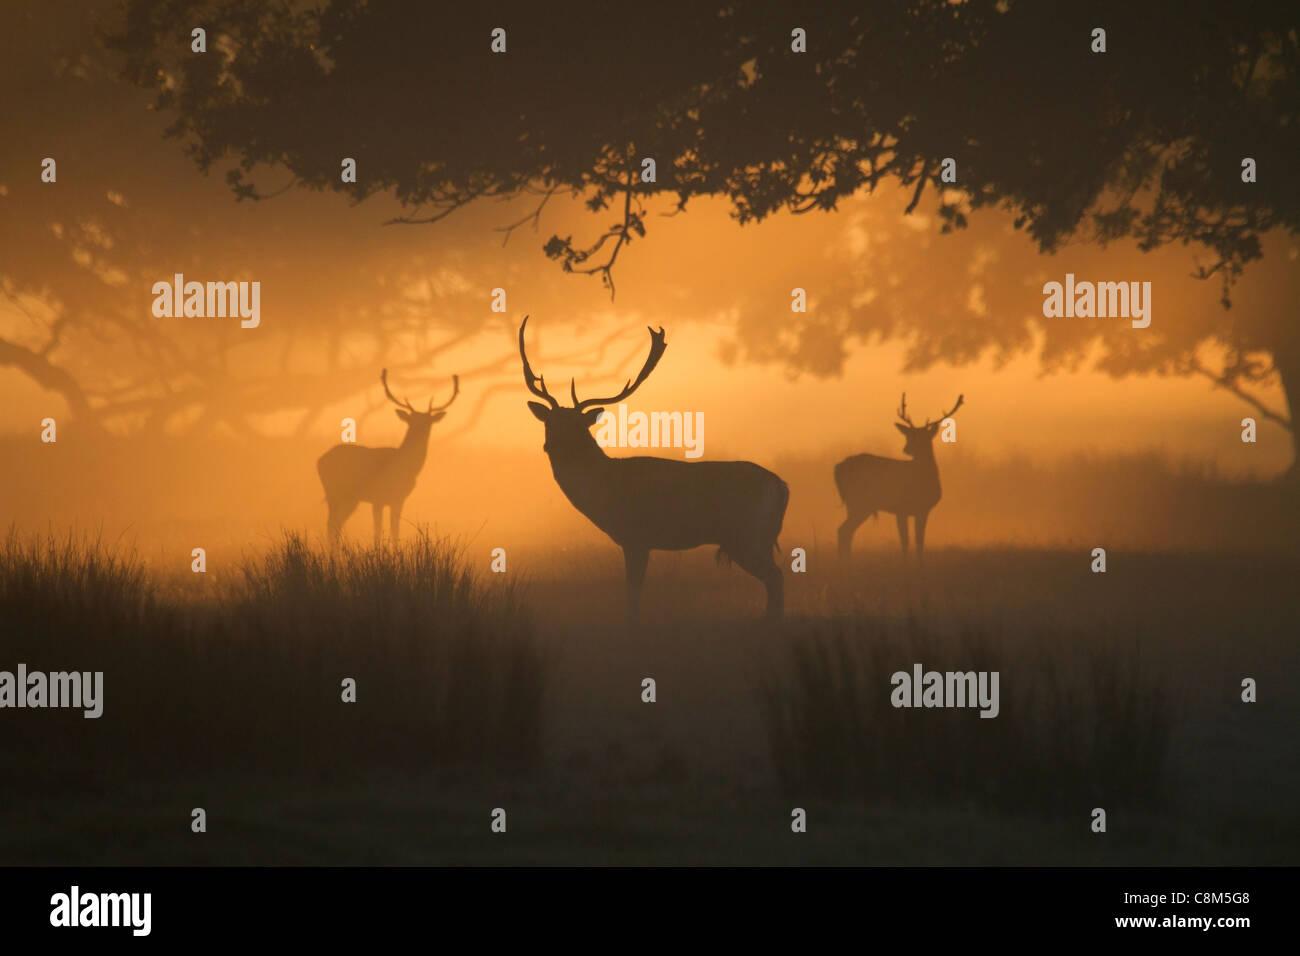 Three Fallow Deer Bucks, Dama dama in the early morning mist - Stock Image